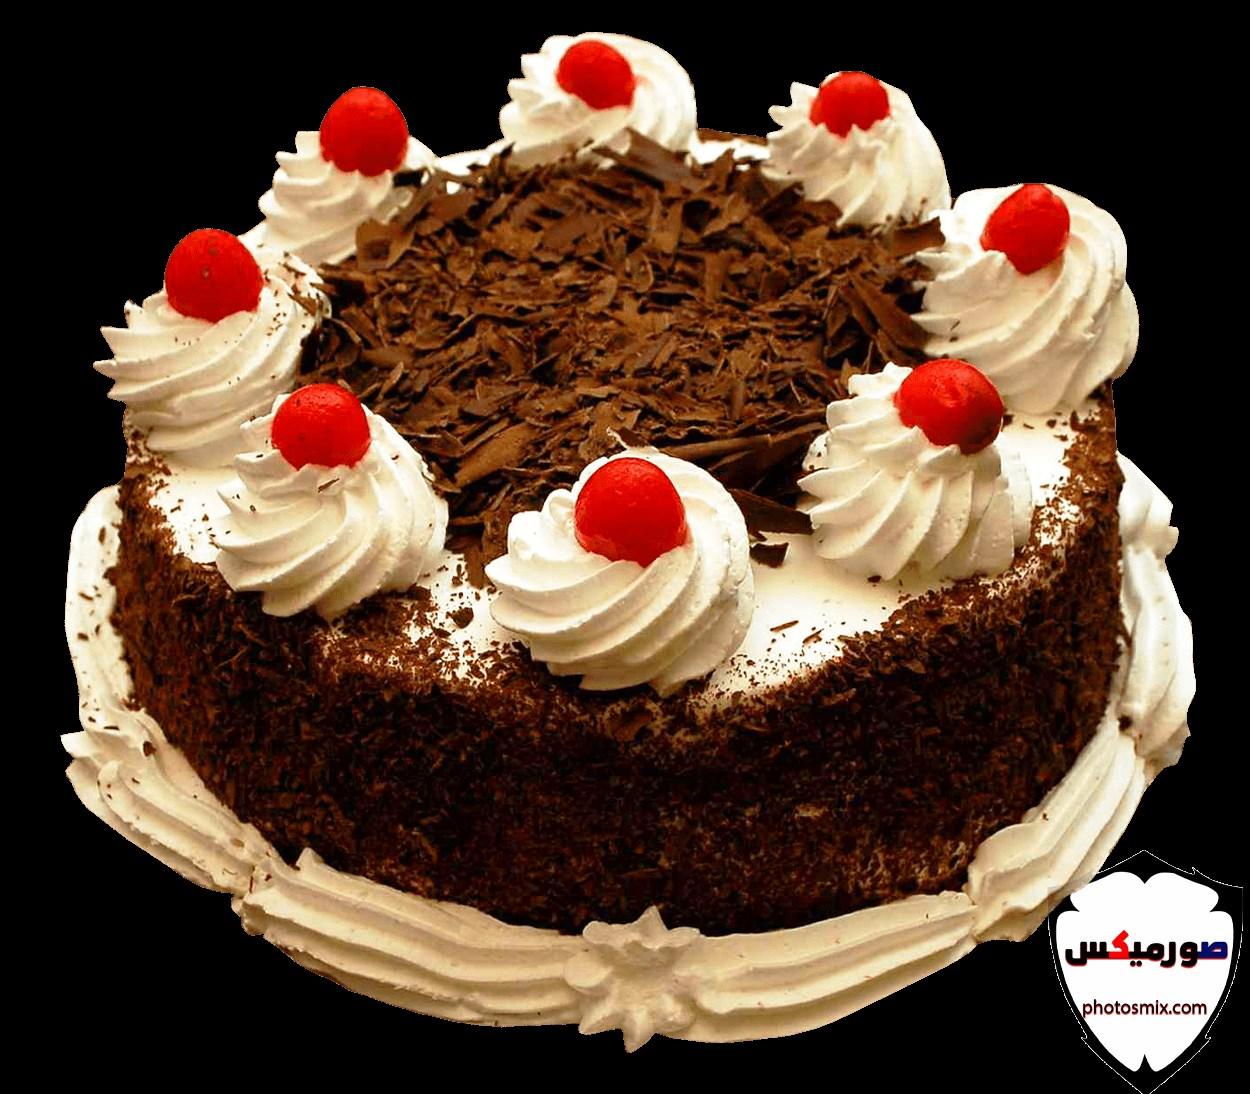 اجمل صور تورتة عيد ميلاد للاحتفال بالحبيب والصديق 11